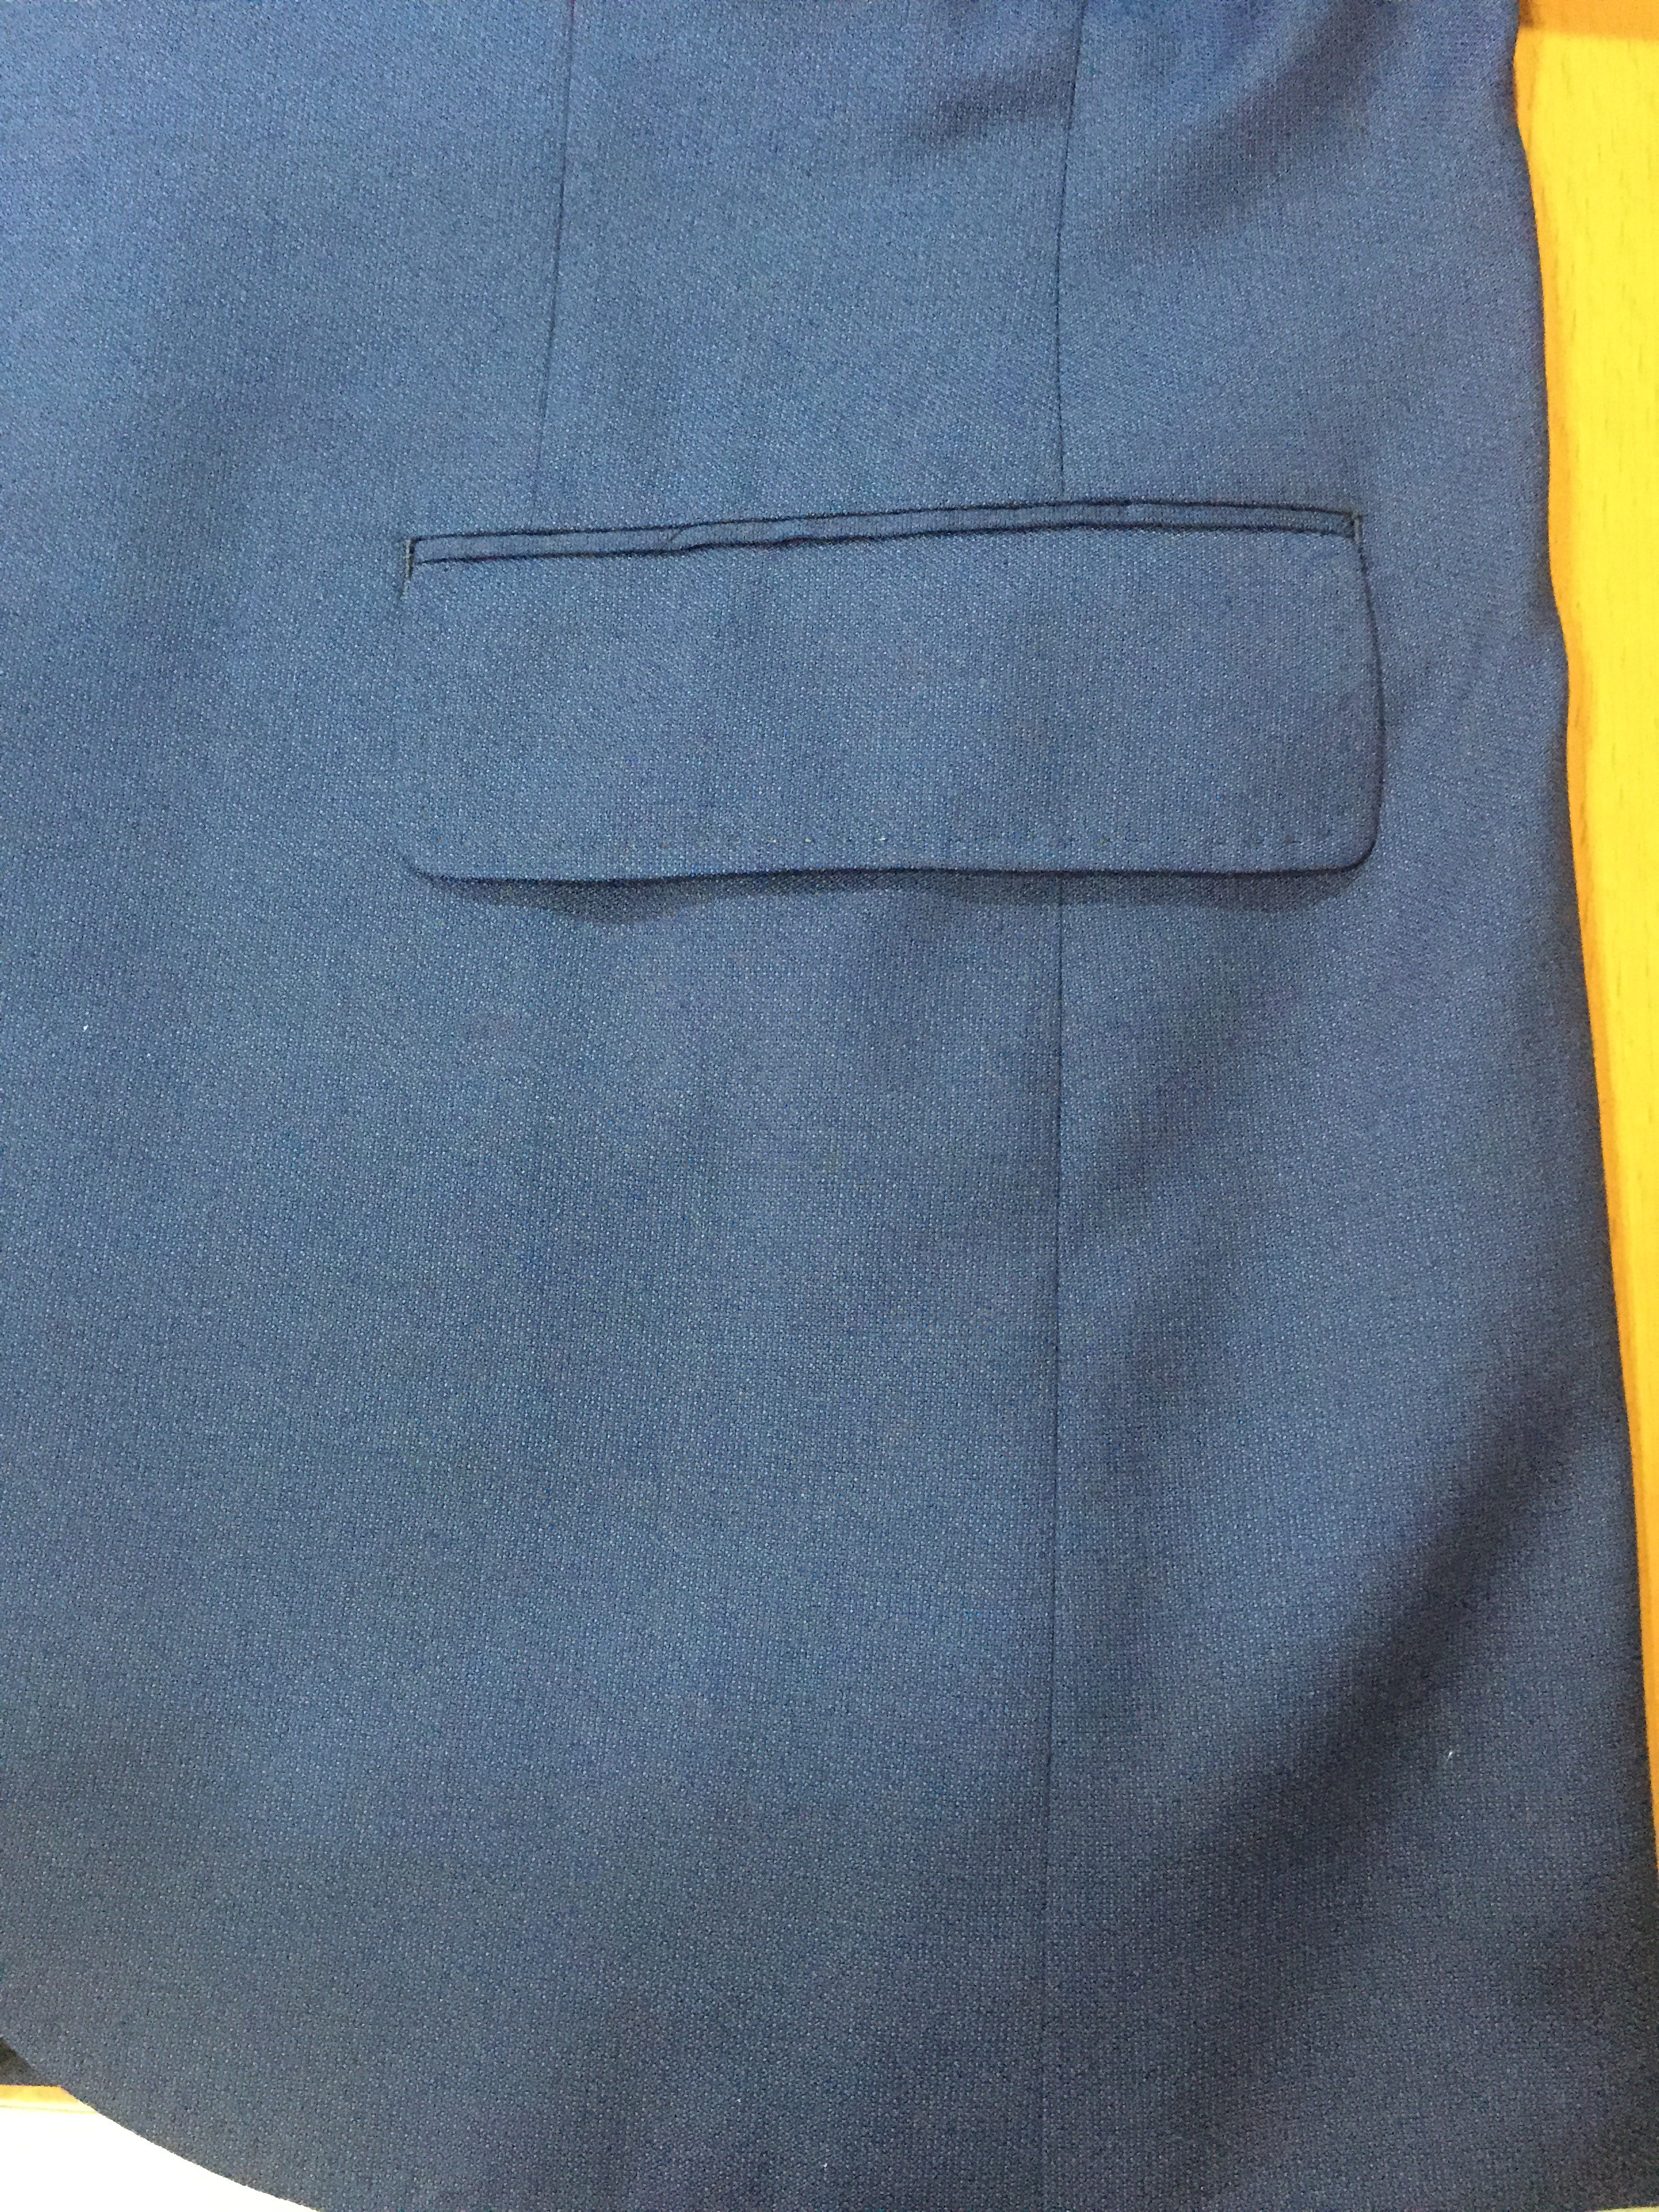 スーツのパーツを覚えておきましょう Vol3